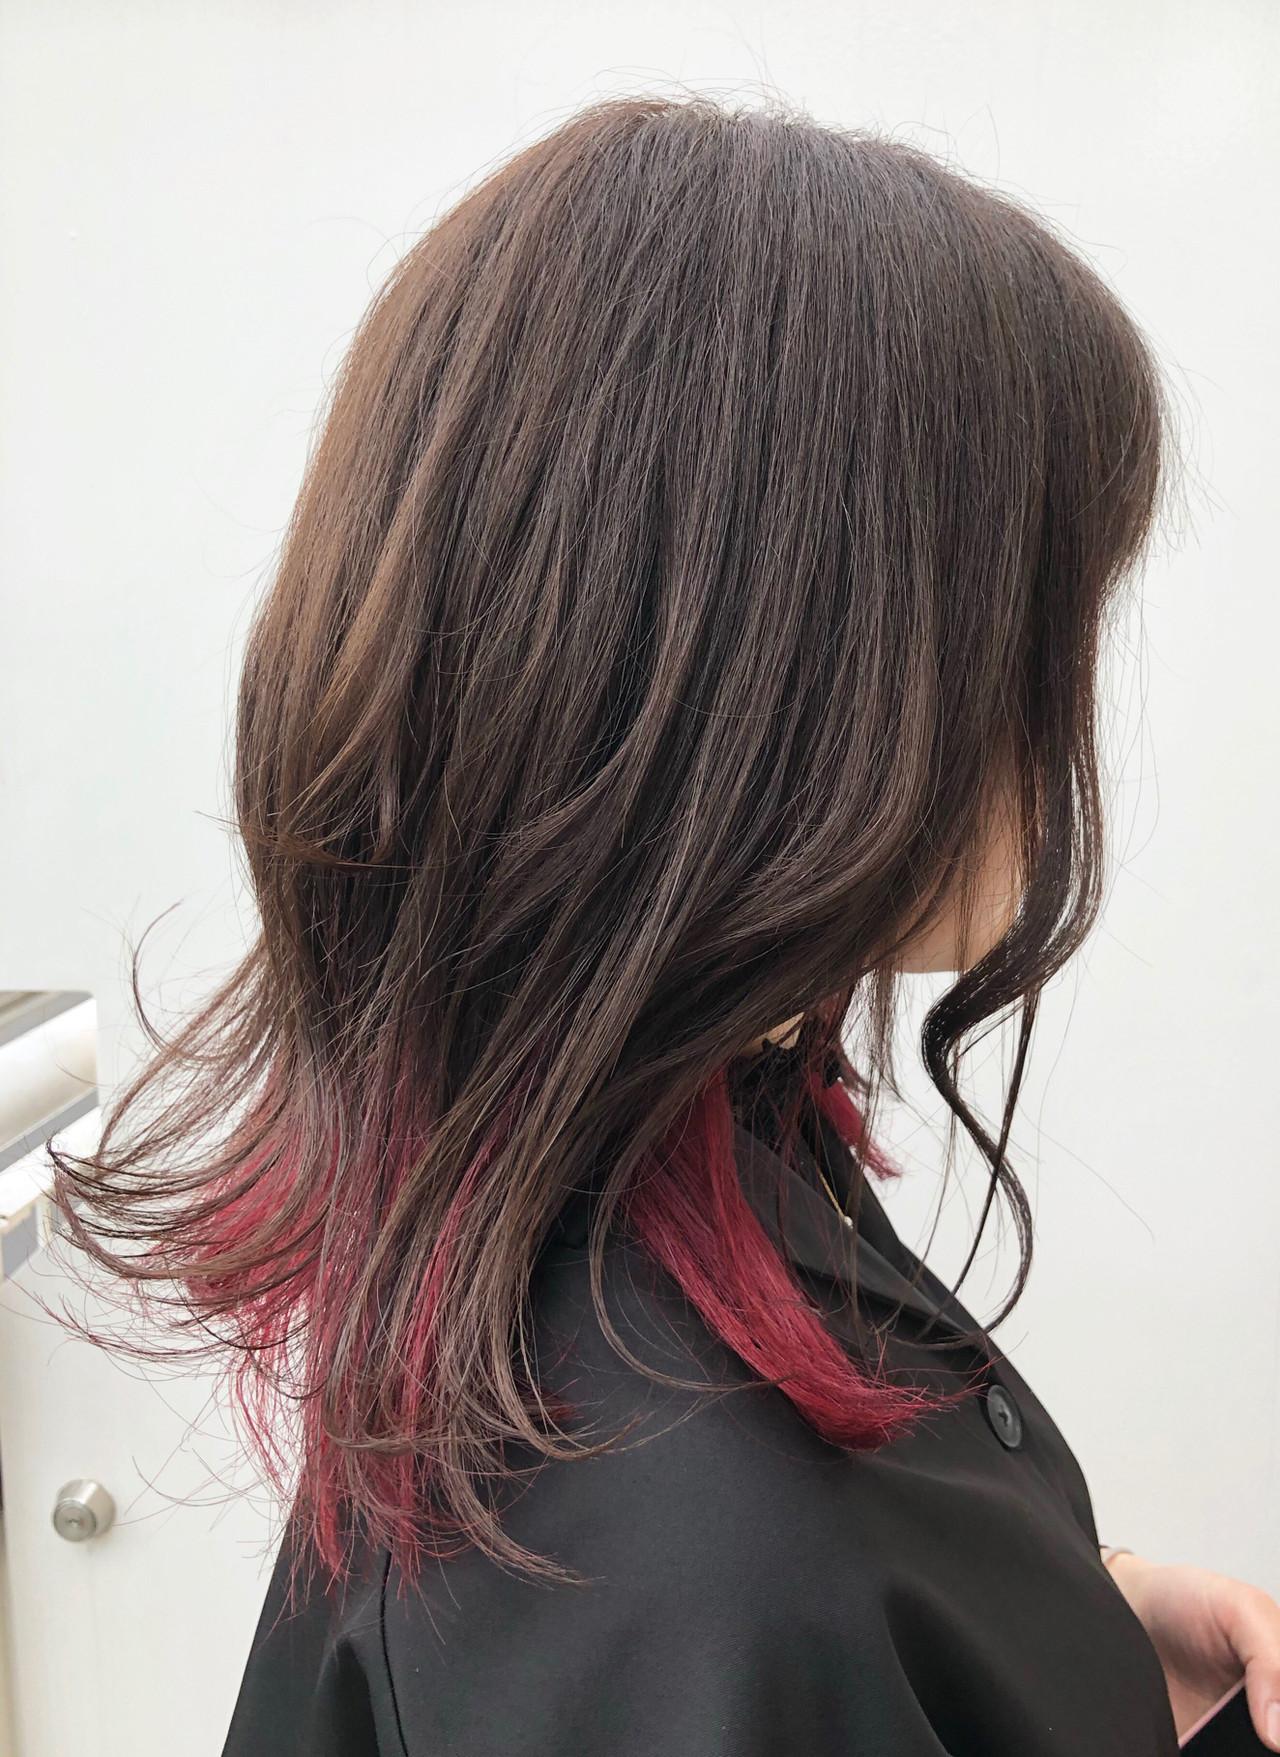 ストリート ベリーピンク デート グラデーションカラー ヘアスタイルや髪型の写真・画像 | 出塩 浩之 / MORIO FROM LONDON さいたま新都心